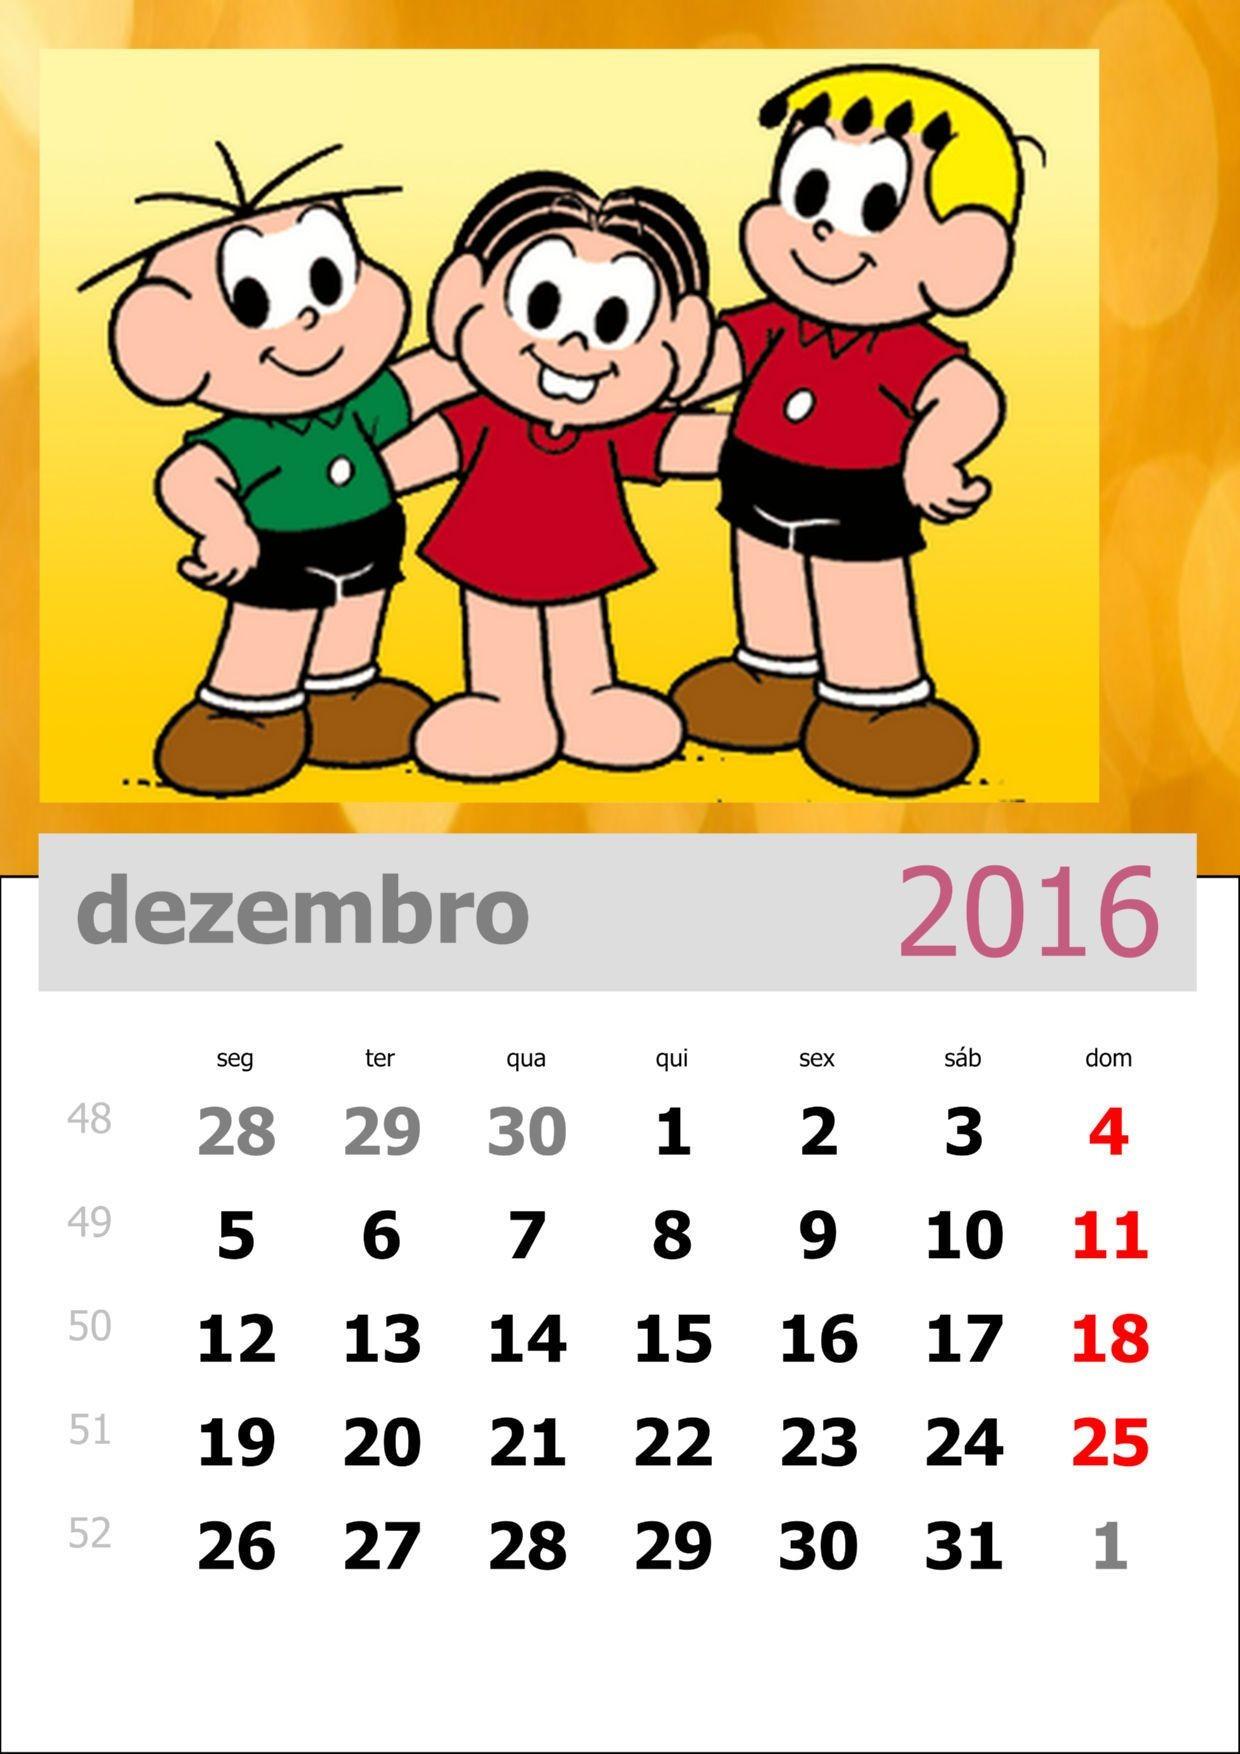 Calendario Imprimir Maio 2017 Mejores Y Más Novedosos Clau Claudirenemanzo On Pinterest Of Calendario Imprimir Maio 2017 Mejores Y Más Novedosos Pin De Keila andrade Em Sala De Aula